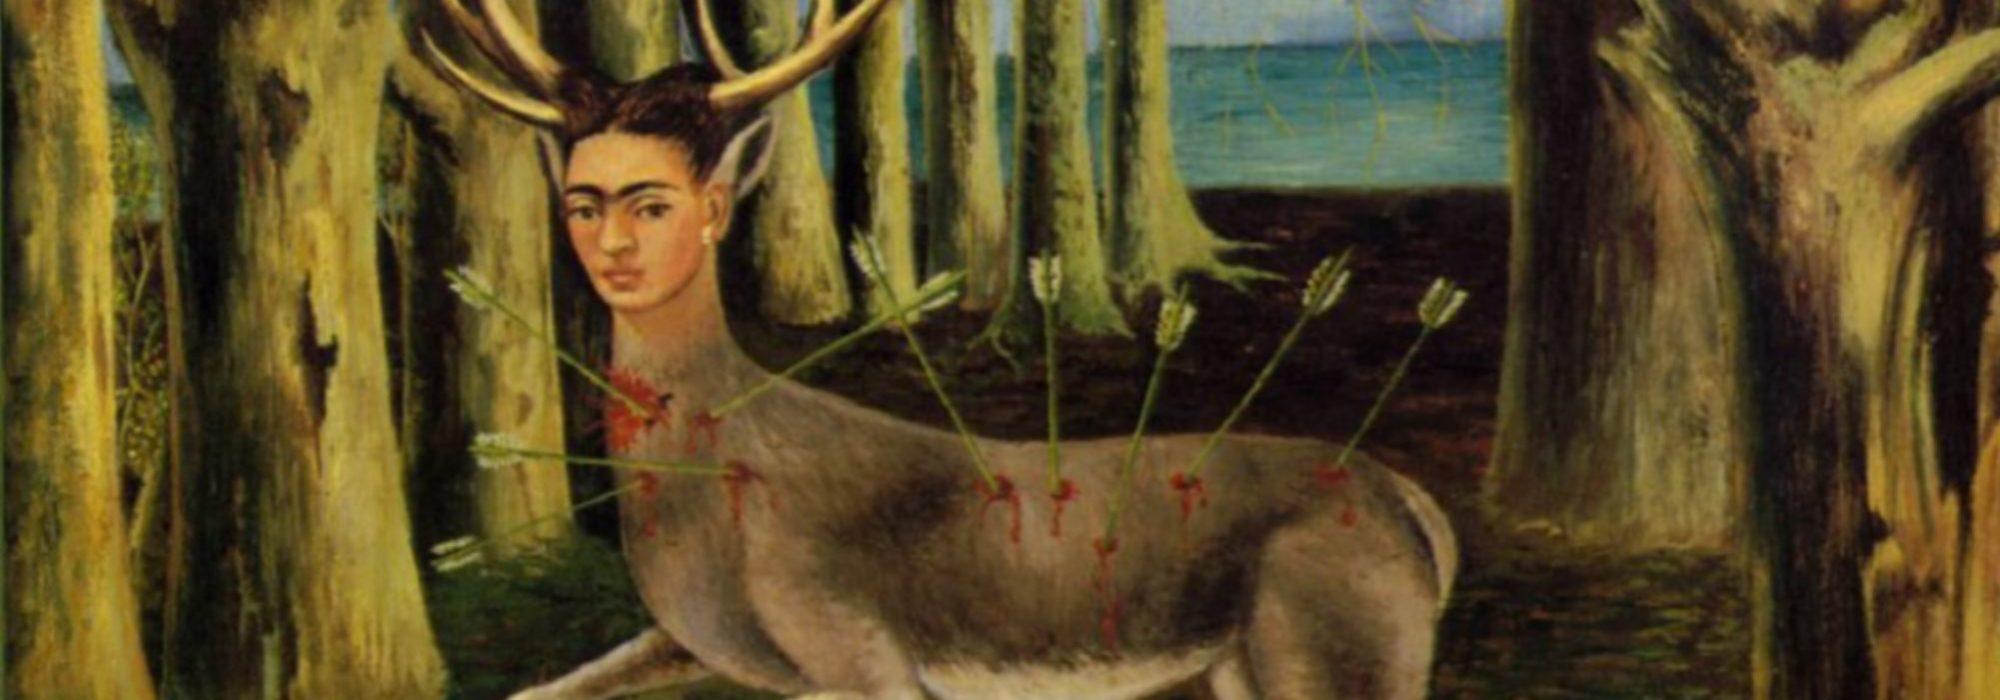 Imagem: Cervo Ferido (Frida Kahlo, 1946)